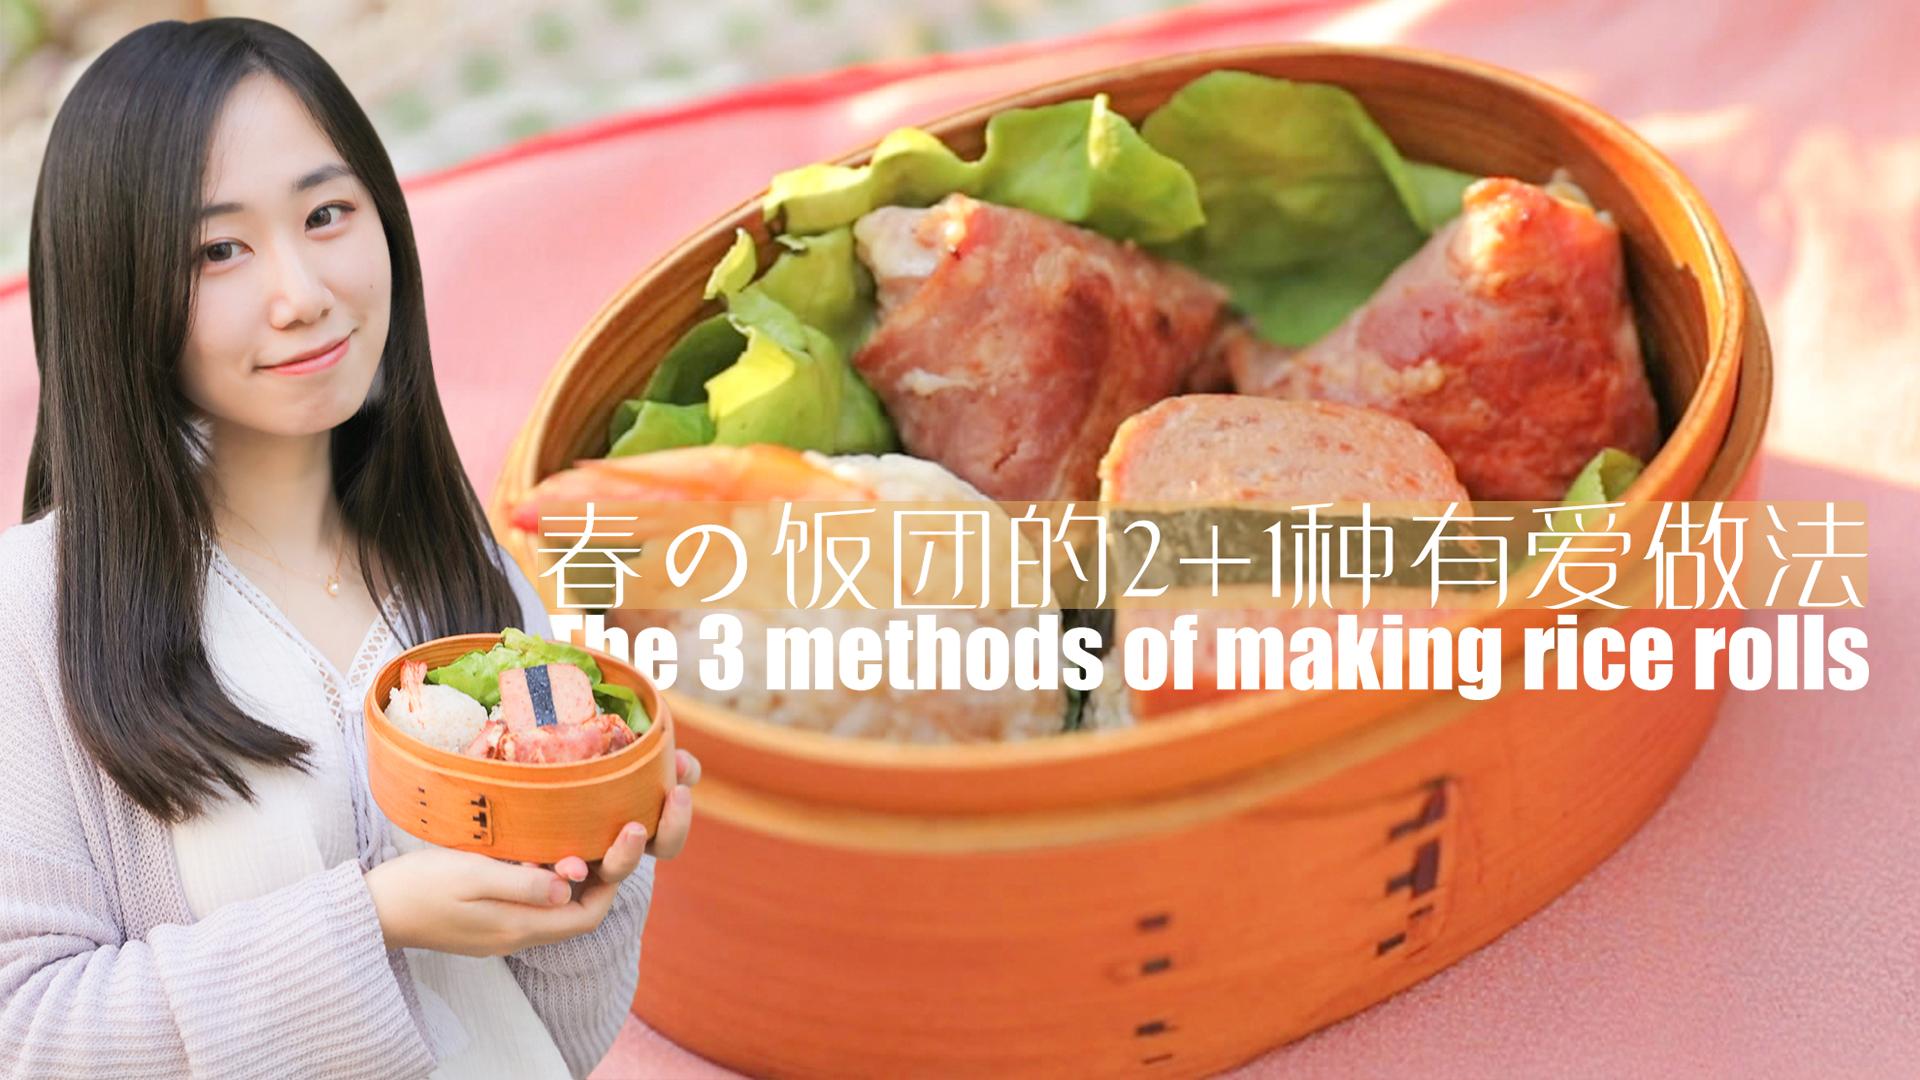 「厨娘物语」141春の饭团的2+1种有爱做法